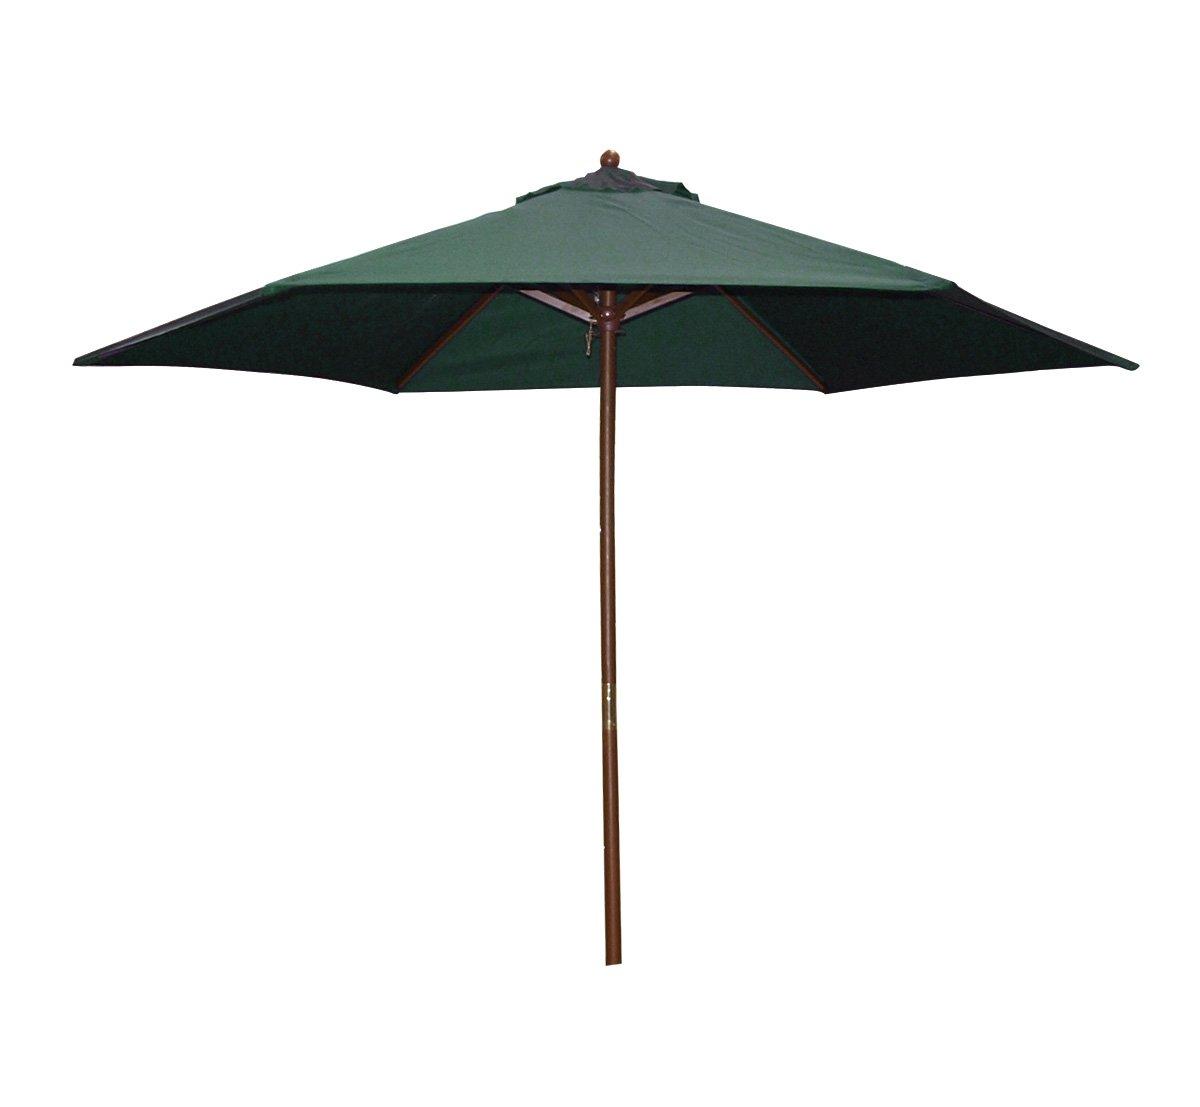 HOFFMANN, Marktschirm PRIMAVERA 270cm, Hartholzgestell teakfarben, Bezug dunkelgrün, mit Seilzug online kaufen